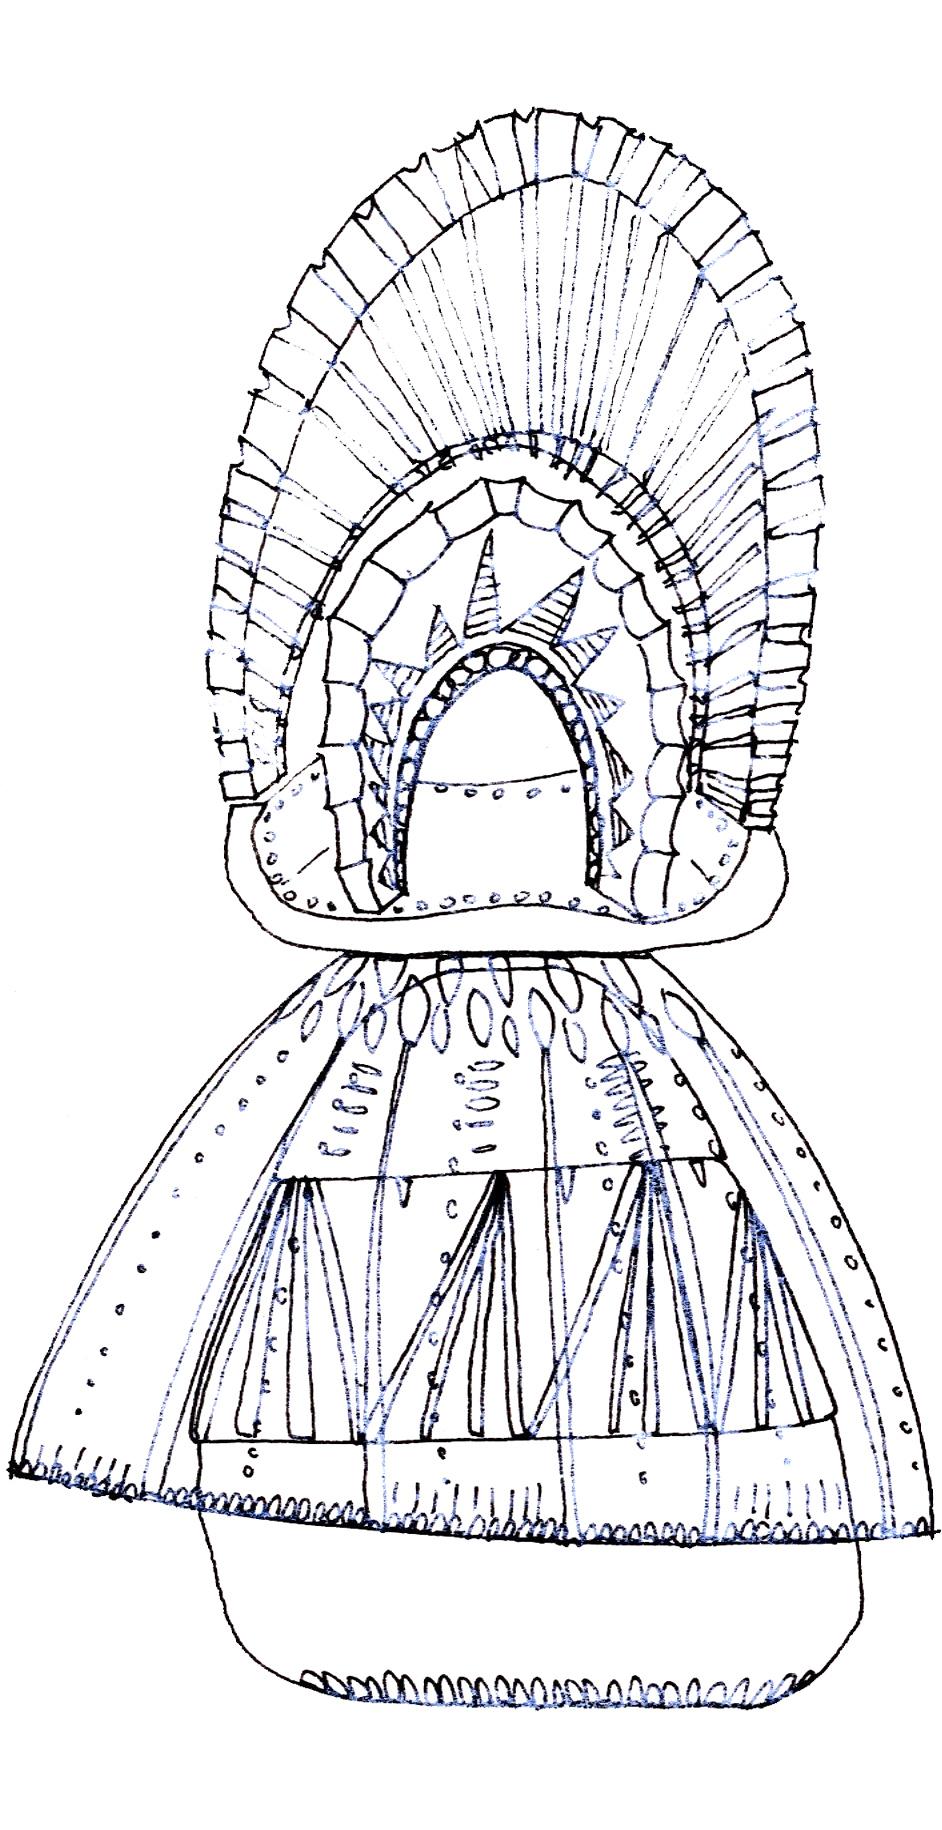 Ode to Intuición'sBonnetl Sketch